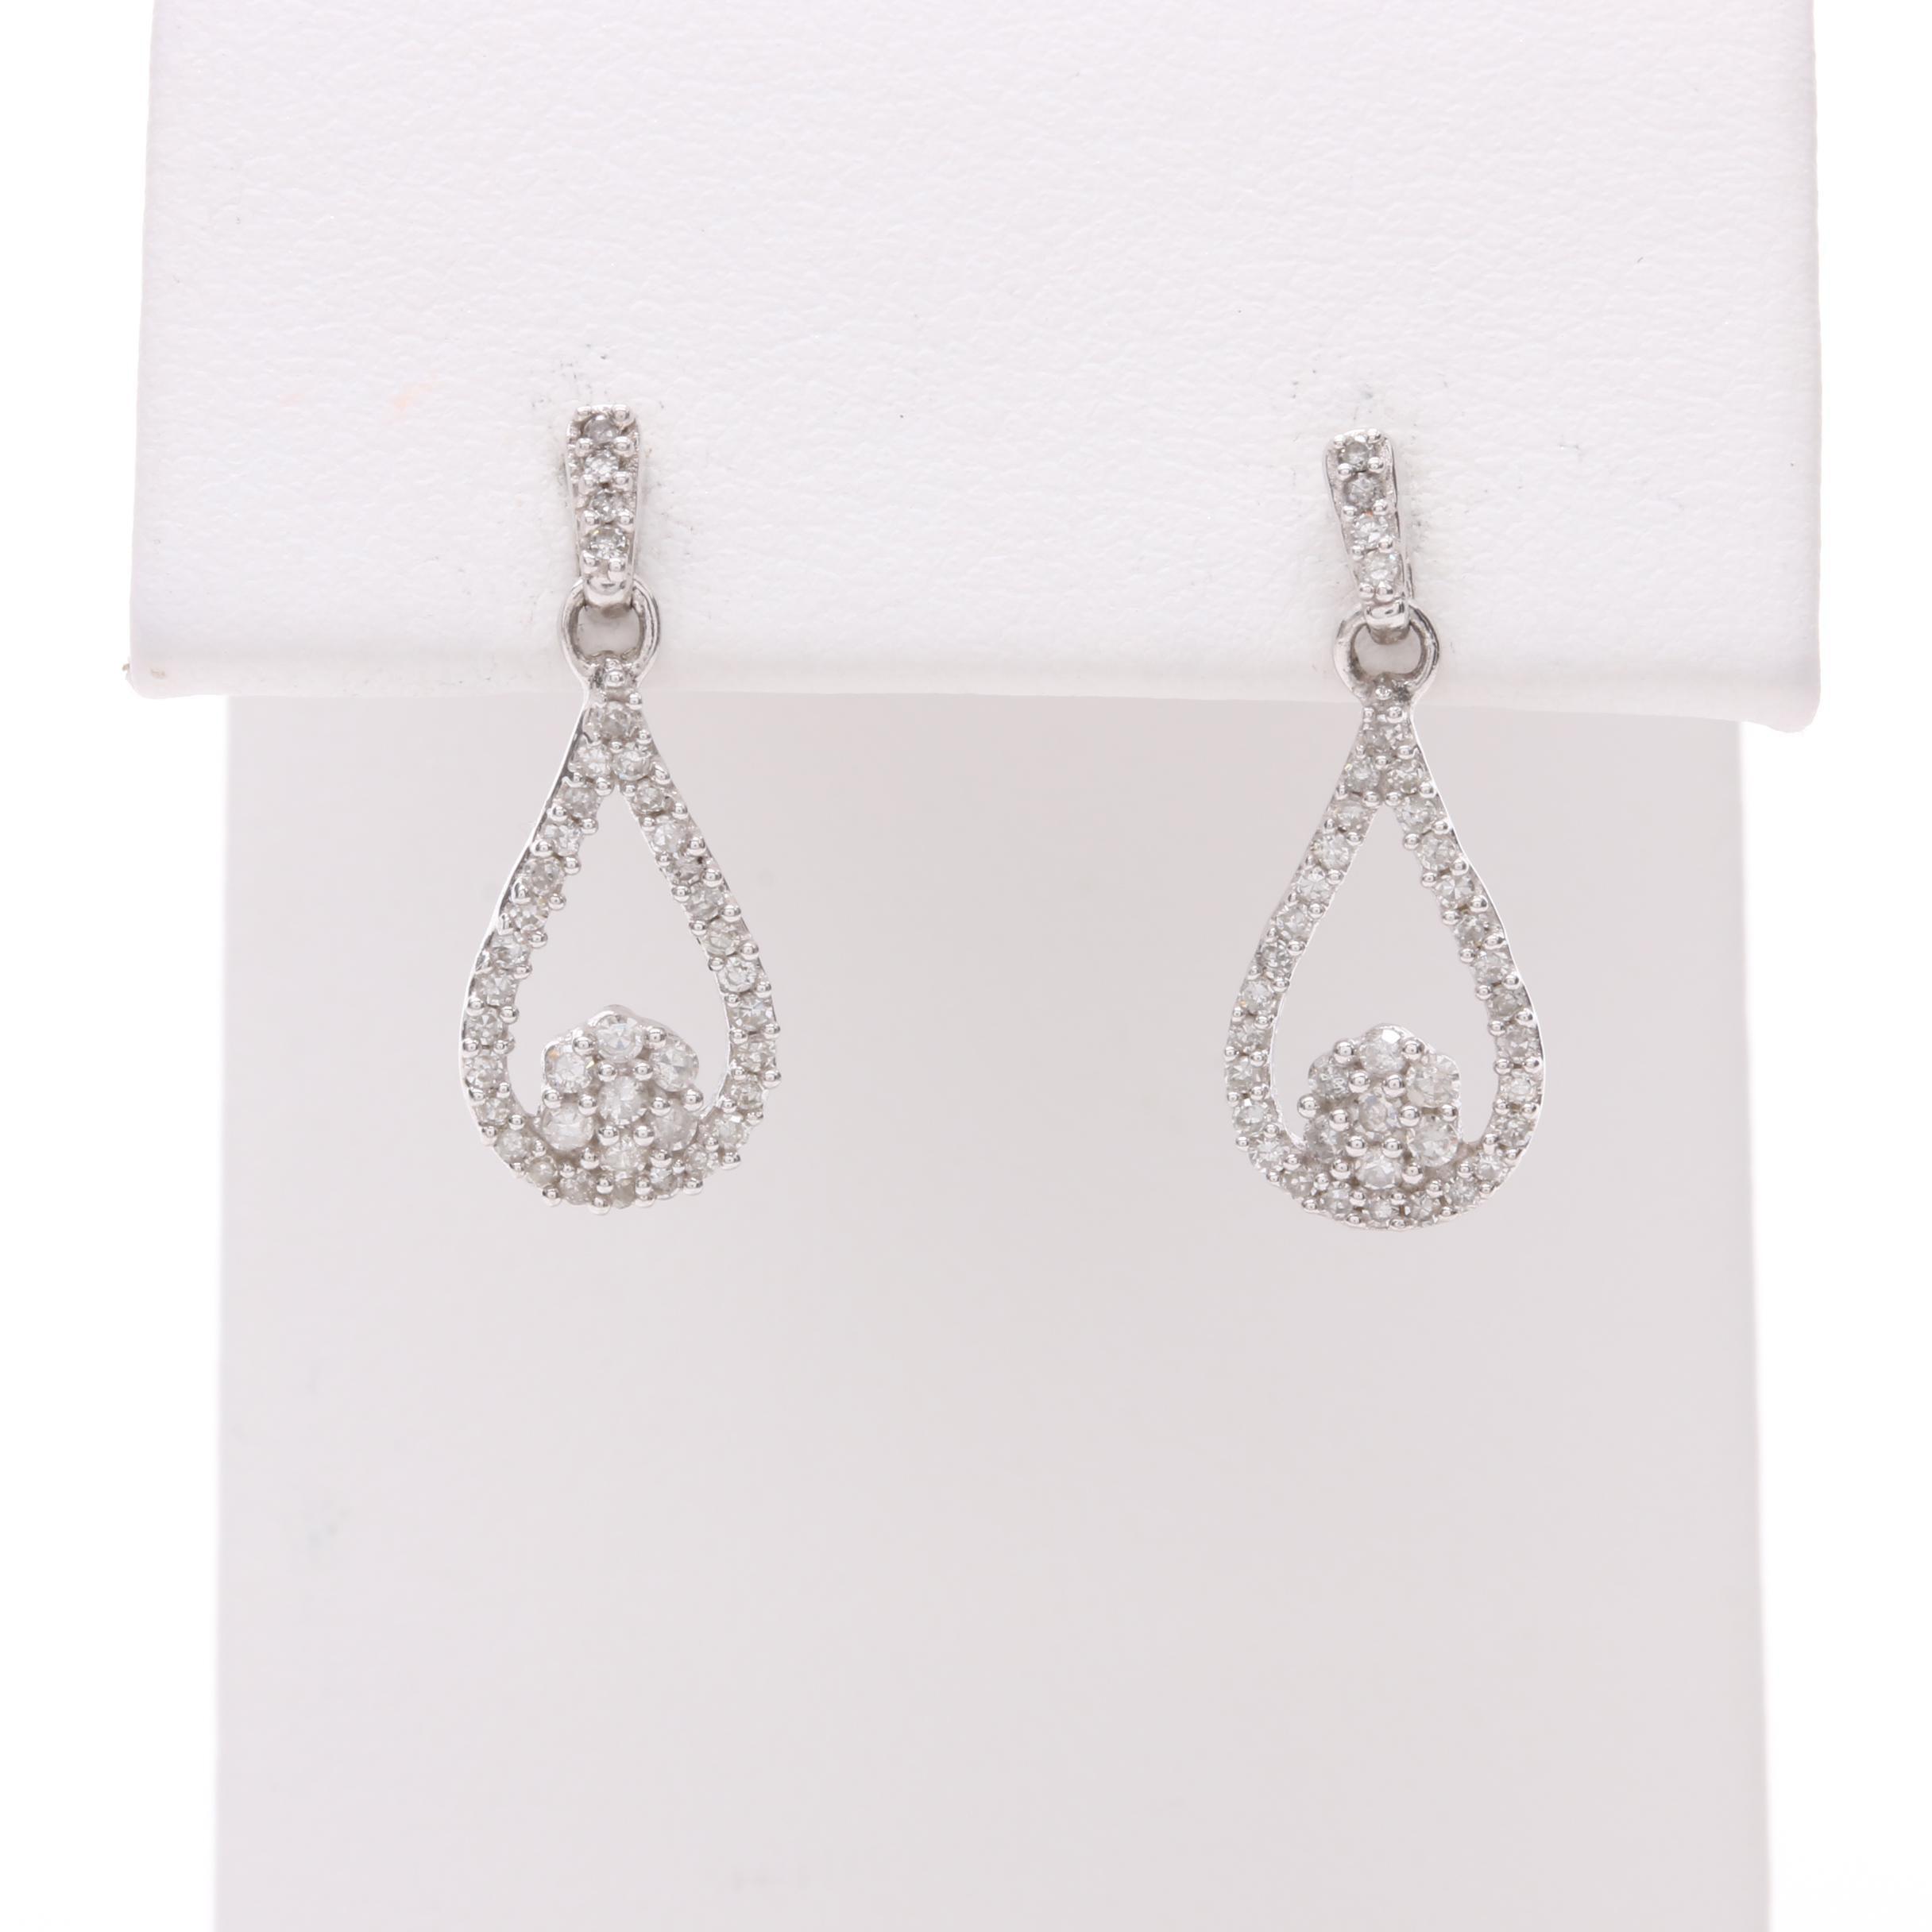 10K White Gold Diamond Earrings with 14K White Gold Backs